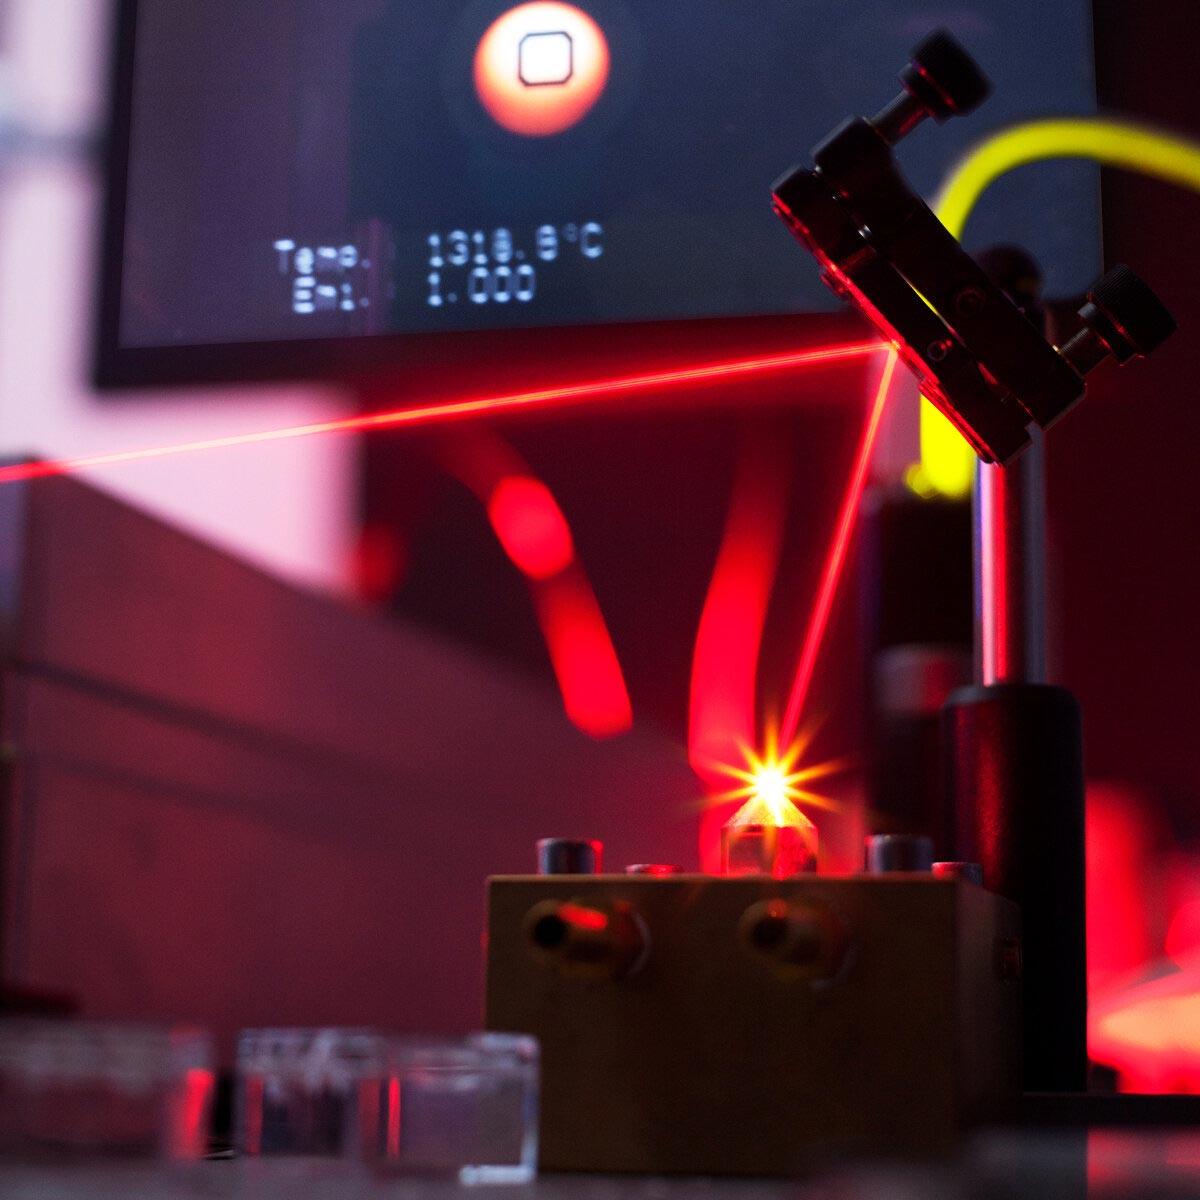 实验中使用的激光加热的空气悬浮炉。图片来源:IPGP